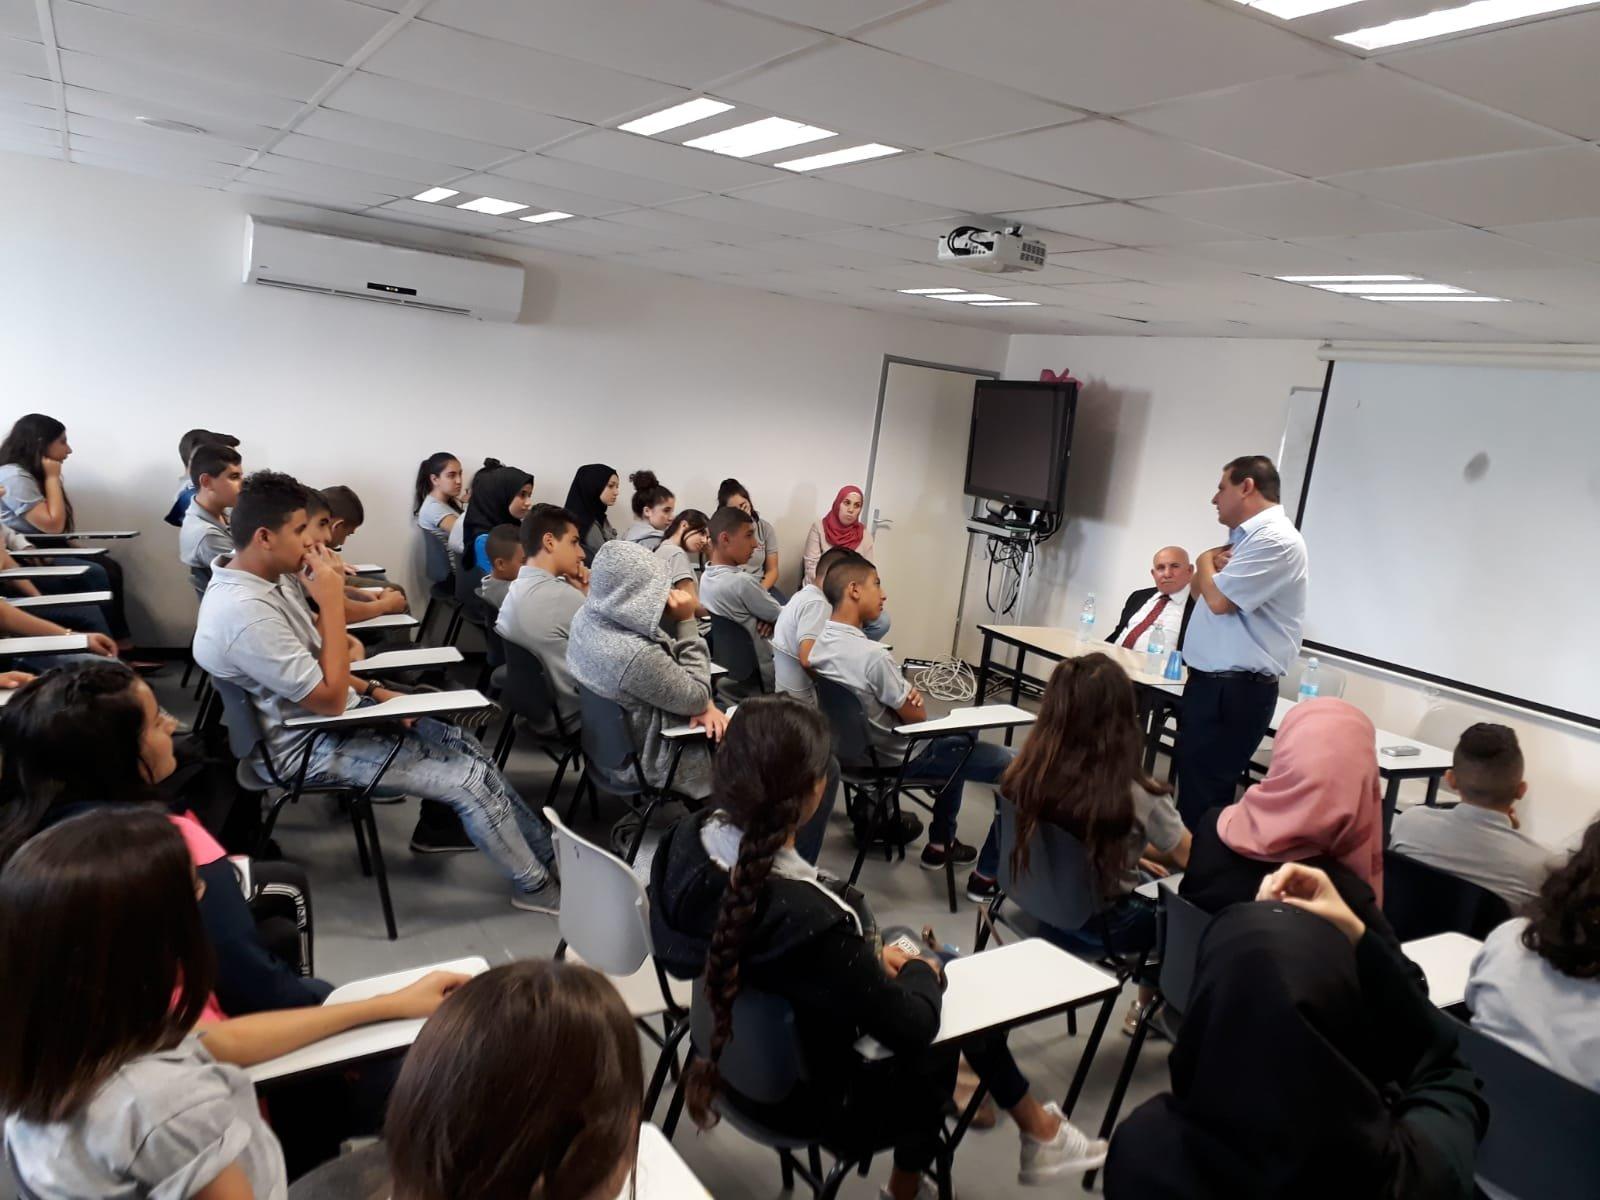 يوم الإعلام والسياسة في مدرسة غرناطة الثانوية